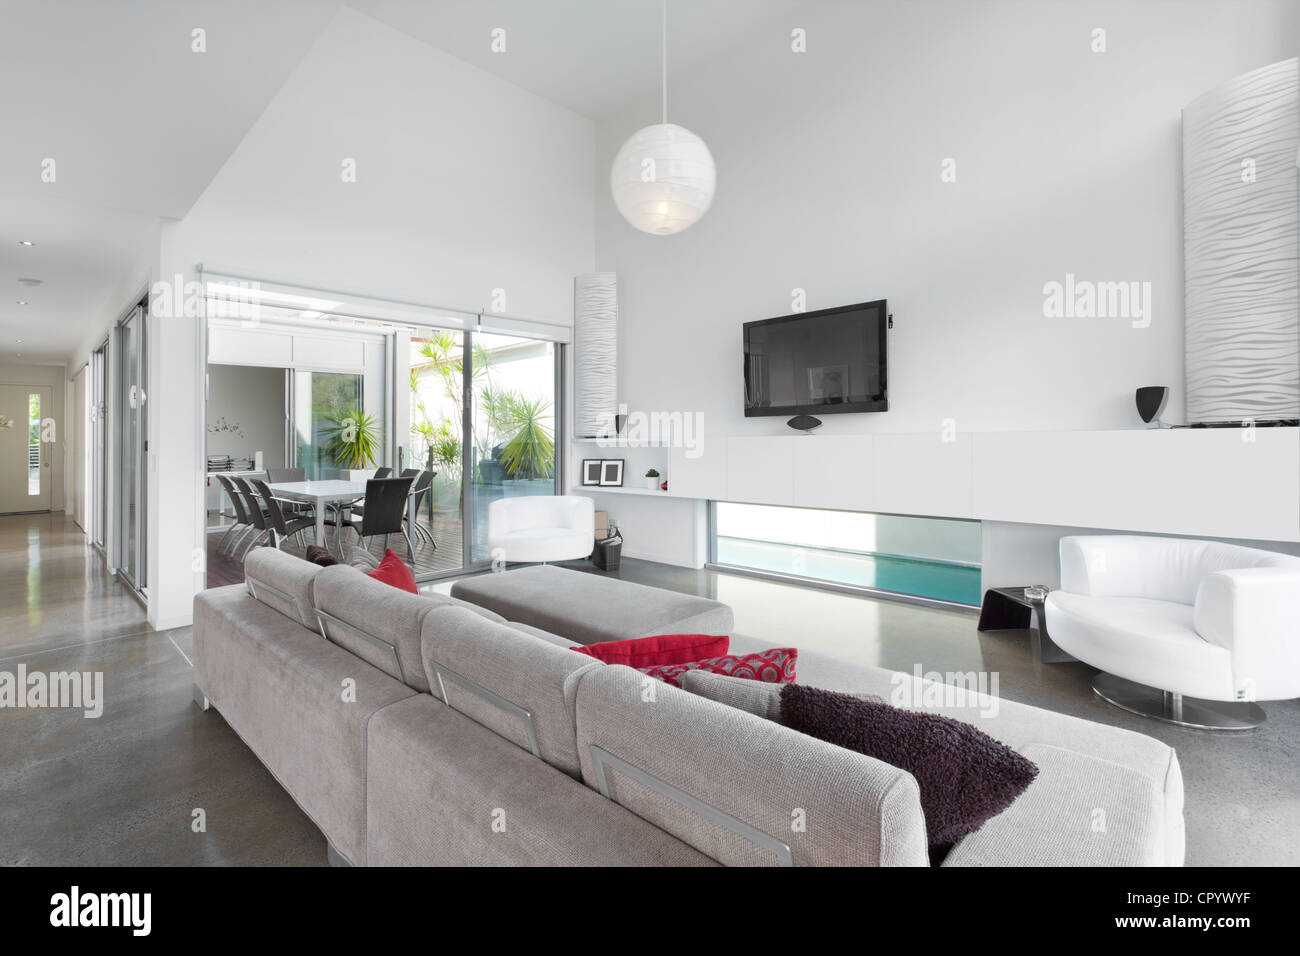 Wunderbar Modernes Wohnzimmer In Australischen Herrenhaus